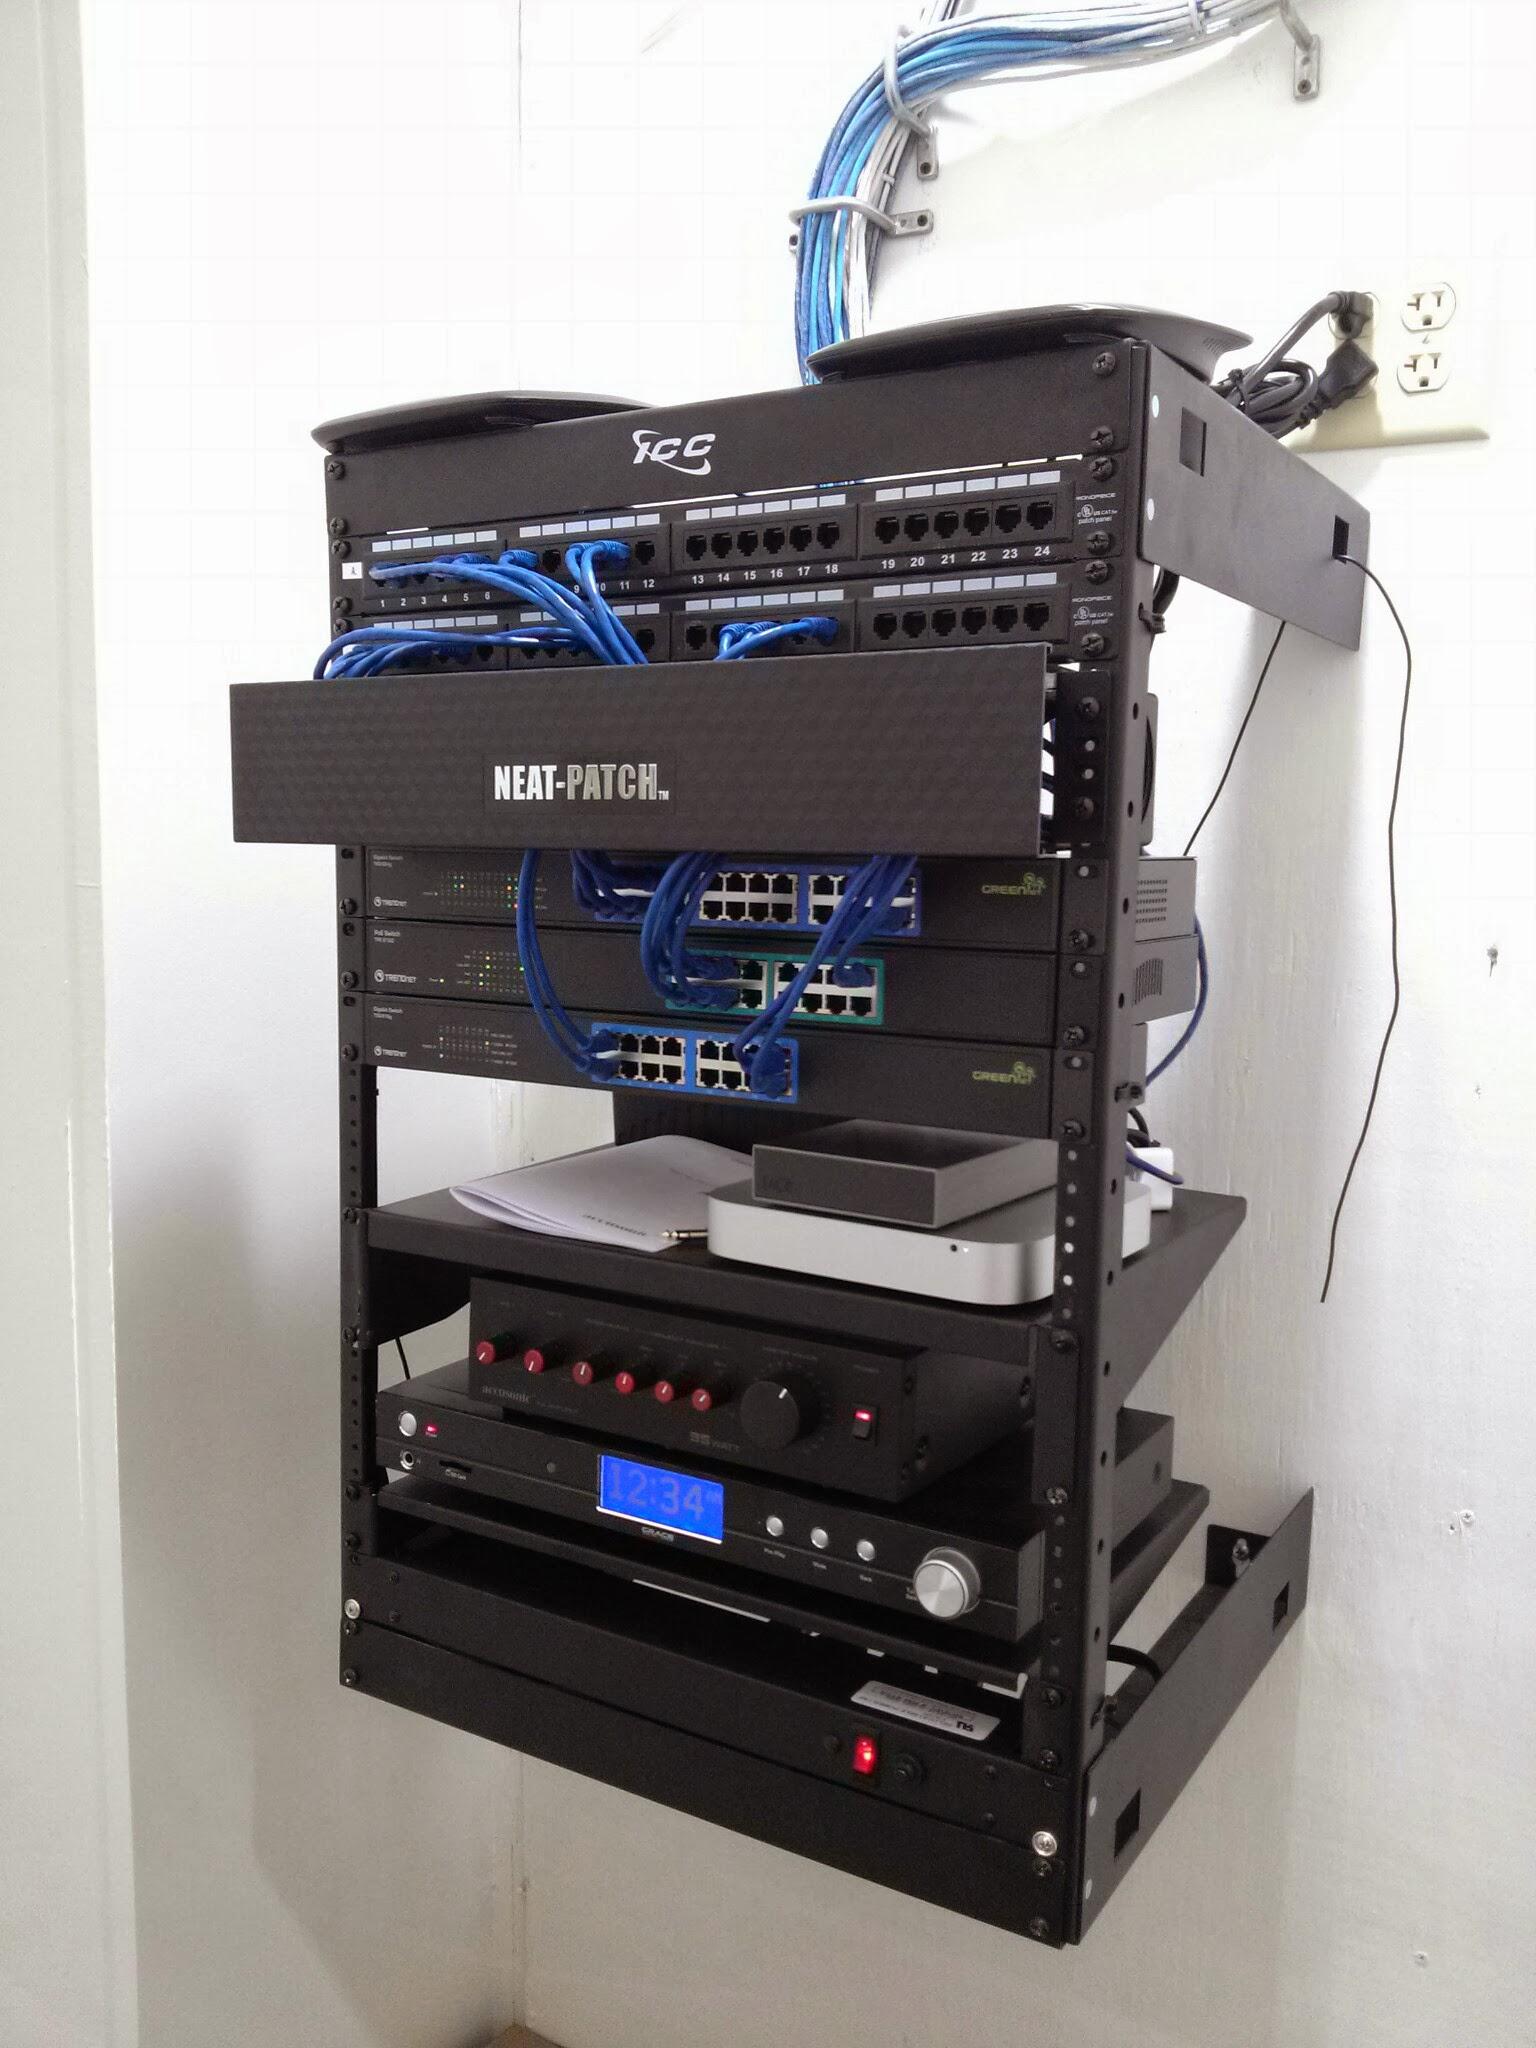 NetworkCabinet